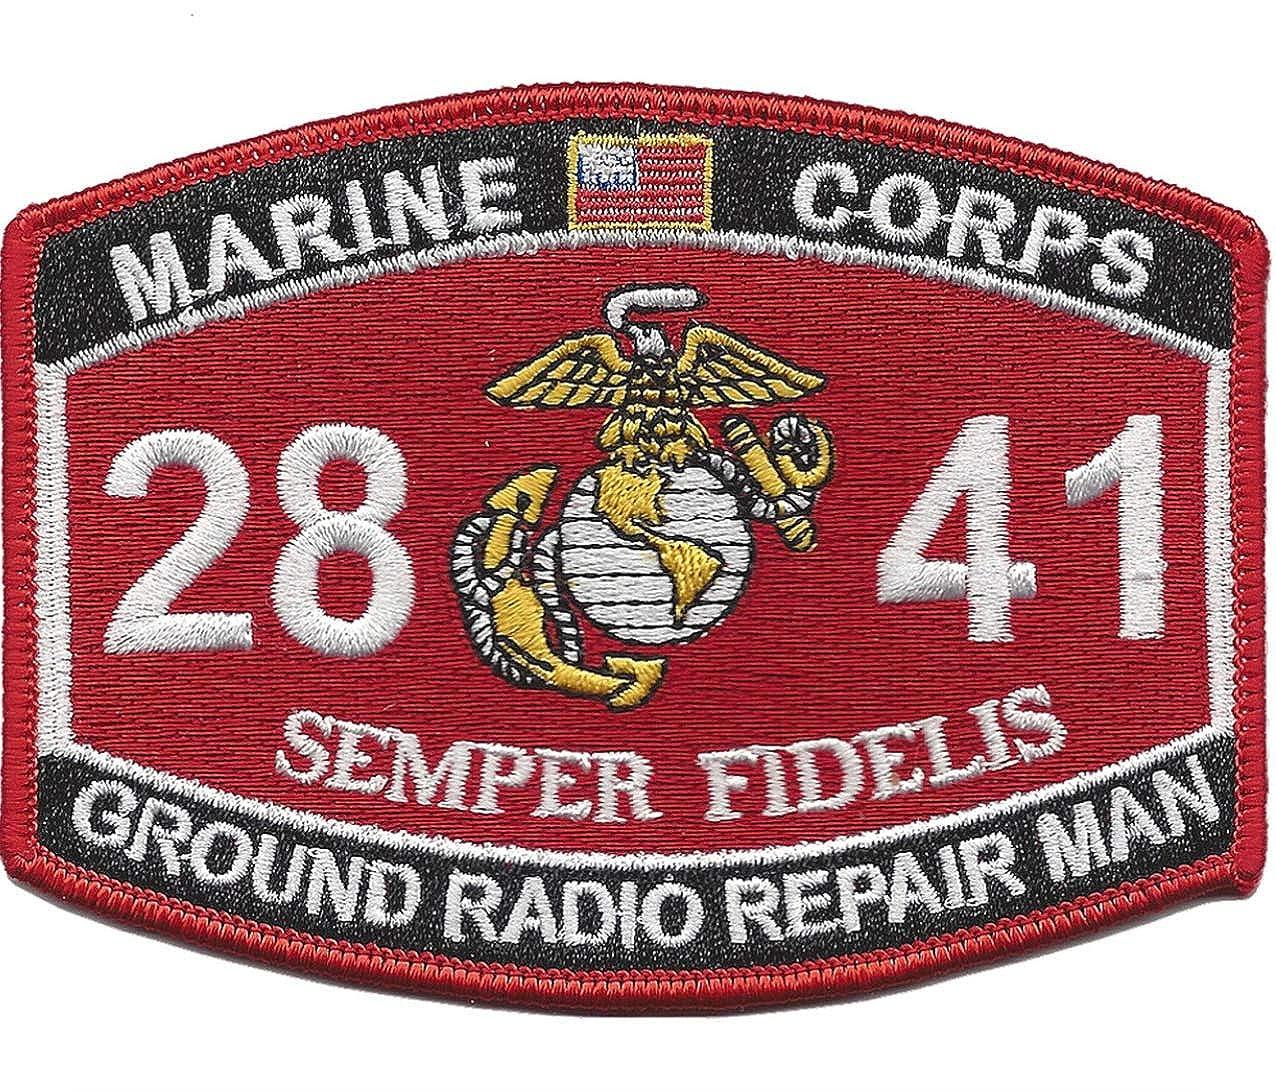 Marine Corps 2841 Ground Radio Repair Man MOS Patch 4.5 x 3.25